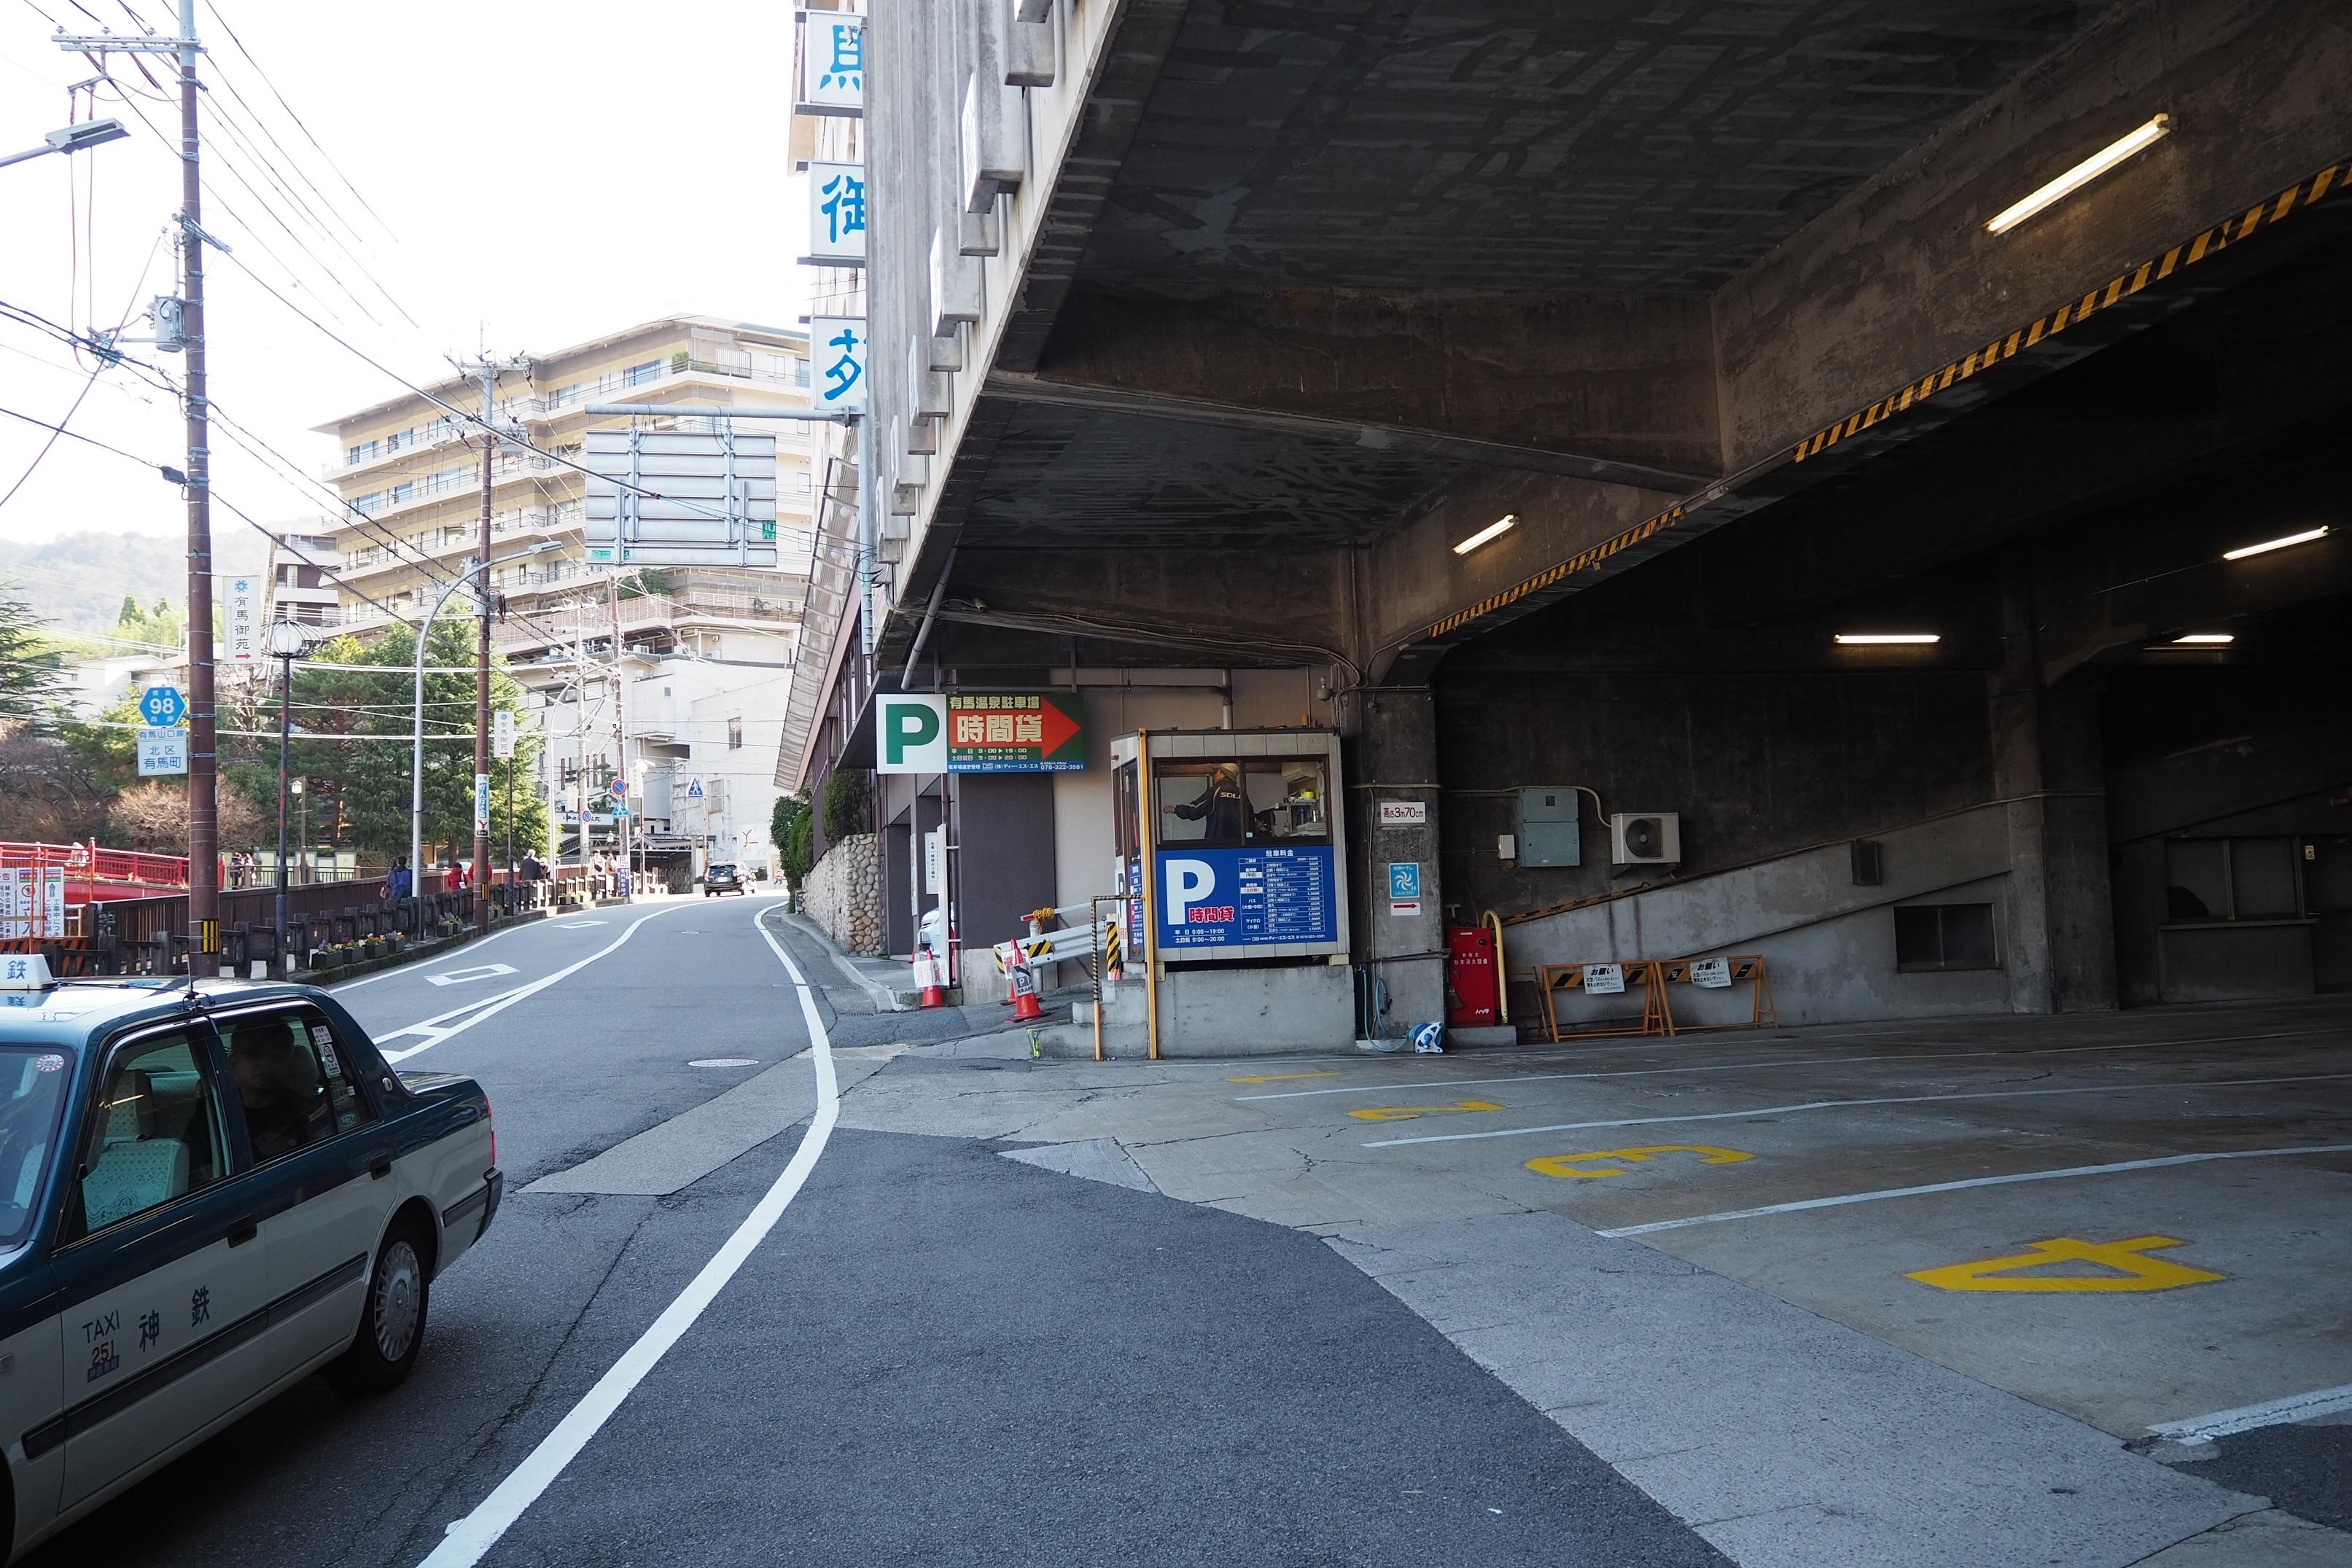 harleydavidson-motorcycle-touring-blog-arima-onsen-hotsprings-arimaonsen-parking.jpg